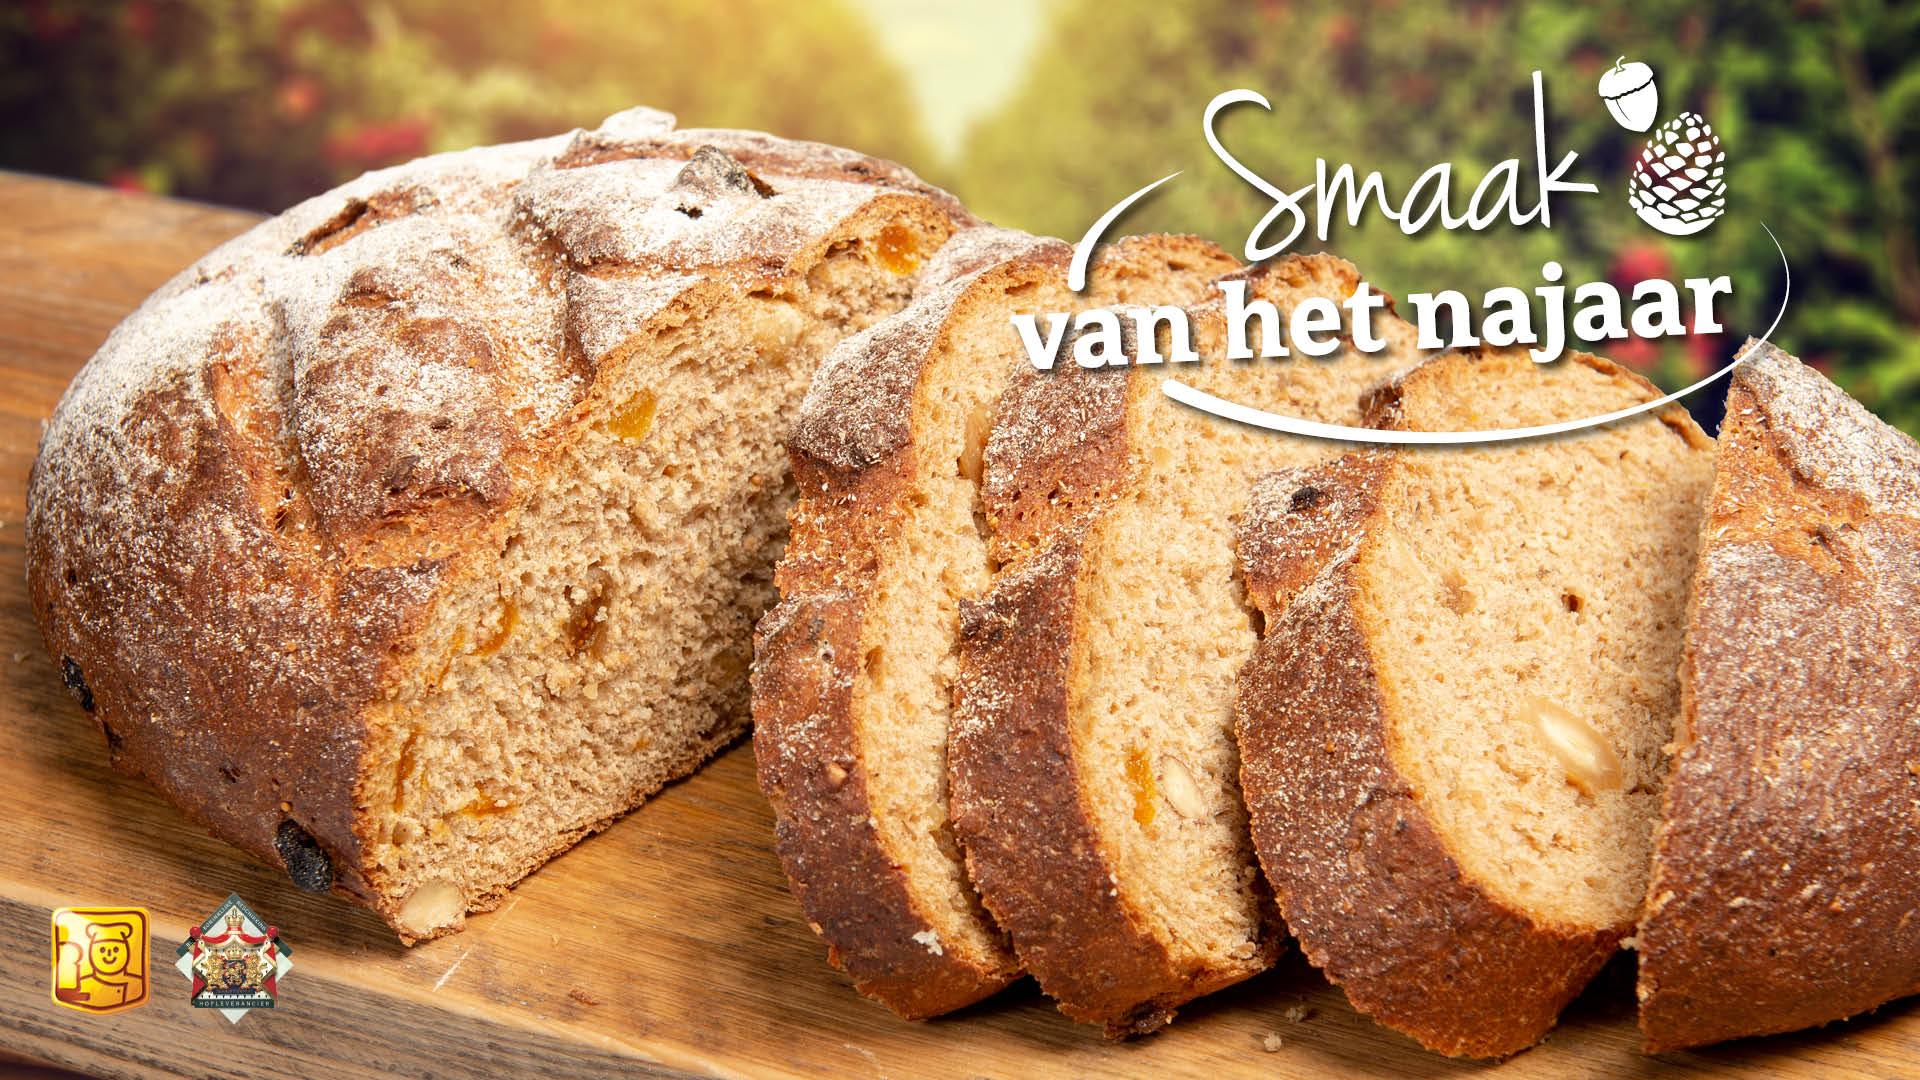 Homepage slider – De Smaak van het najaar – 7